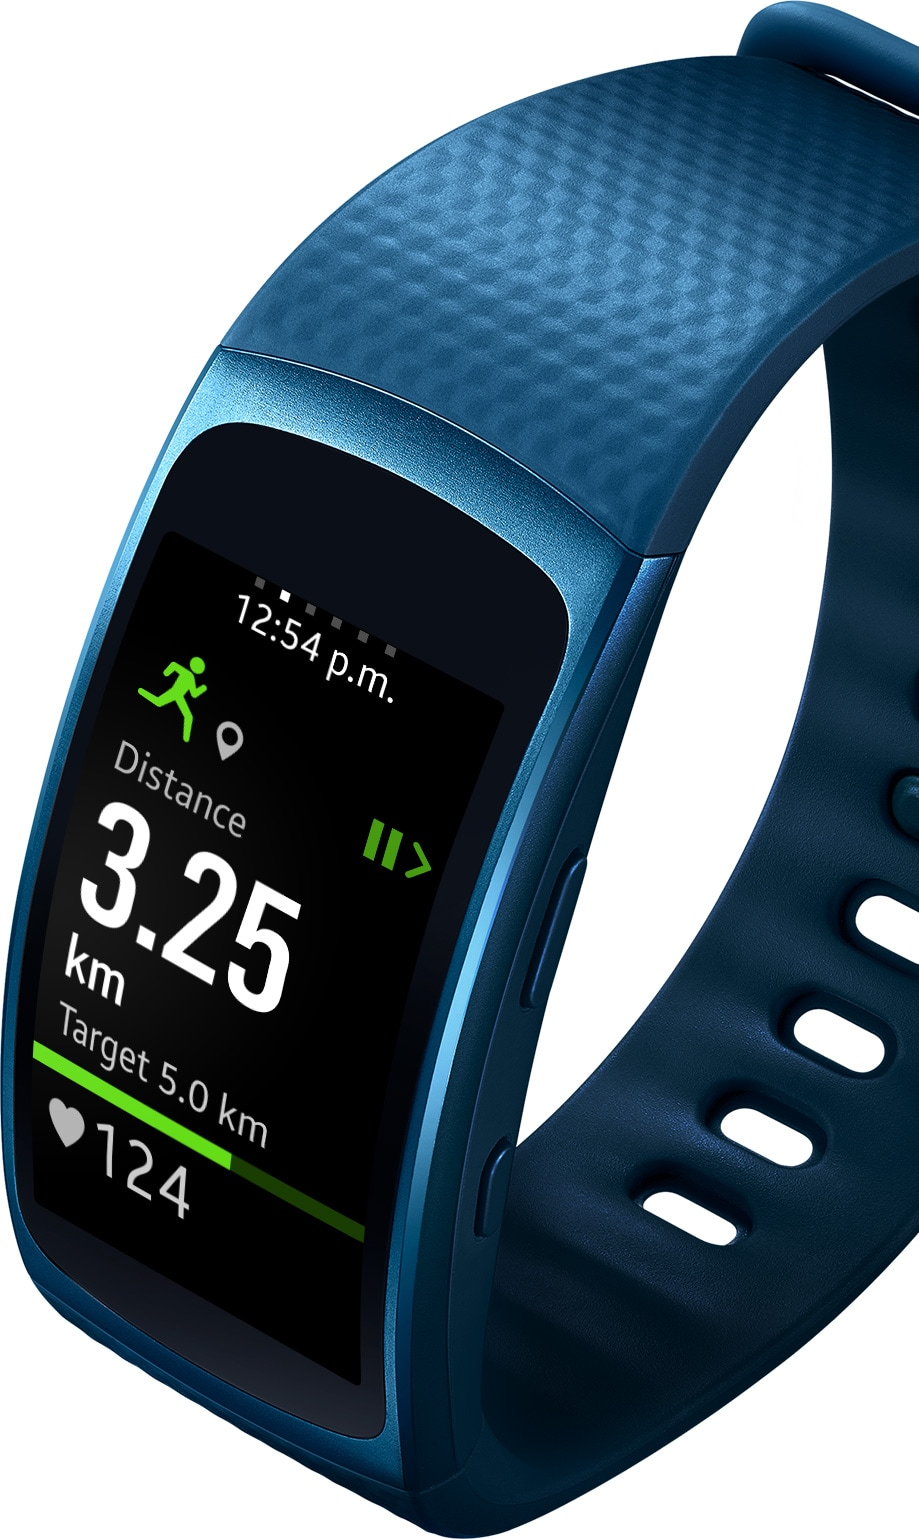 Samsung Gear Fit 2 caratterisiche uscita prezzo_7